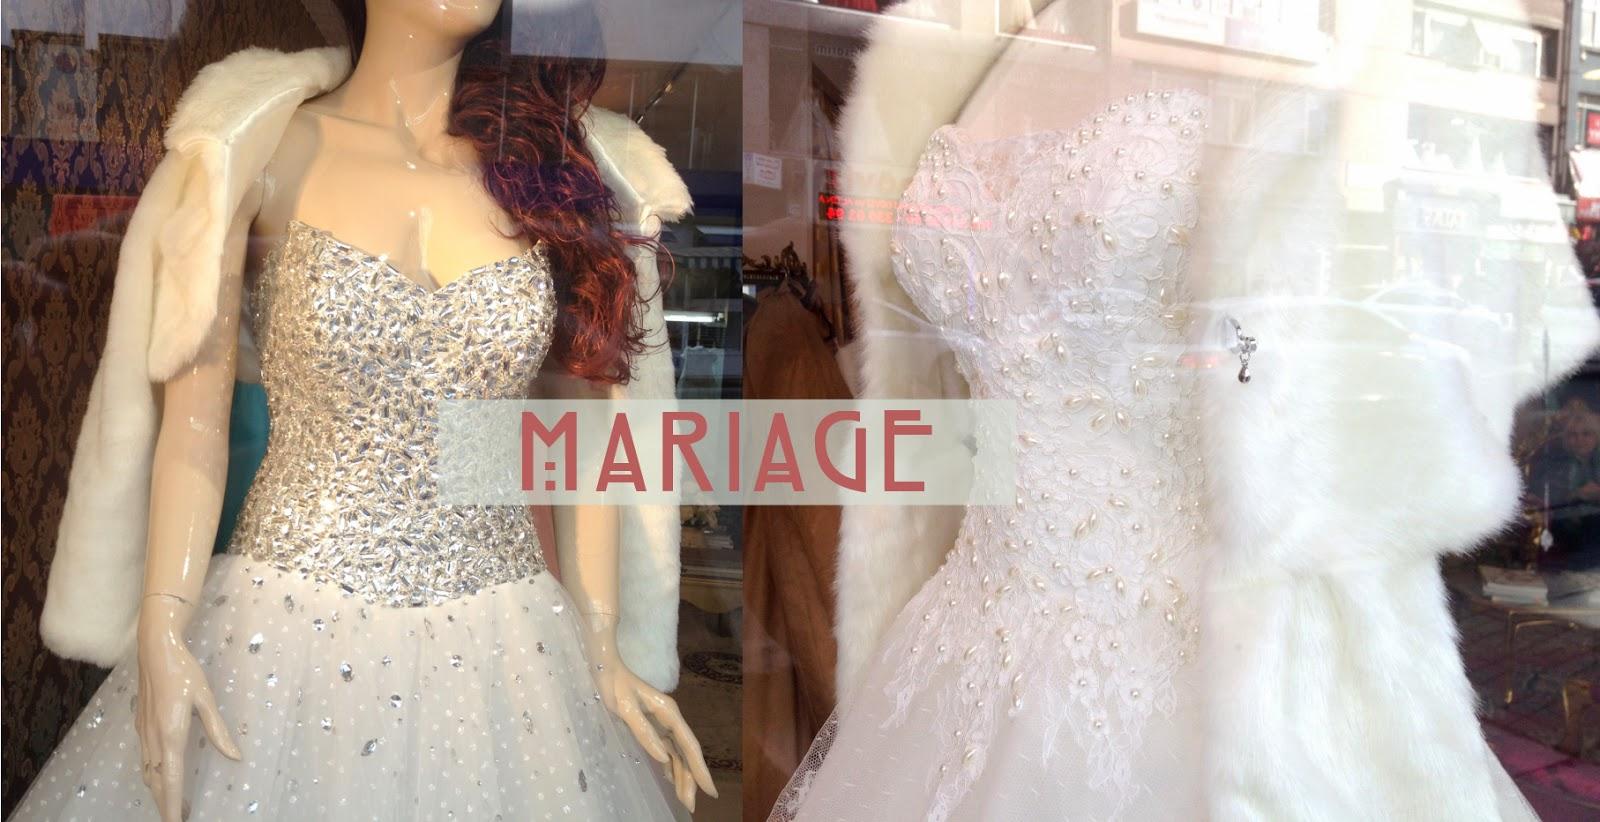 e4a4a981ec332 Mon premier conseil, si vous voulez absolument une robe Pronovias ou San  Patrick, ne venez pas vous la procurer en Turquie, allez plutôt dans les  petites ...